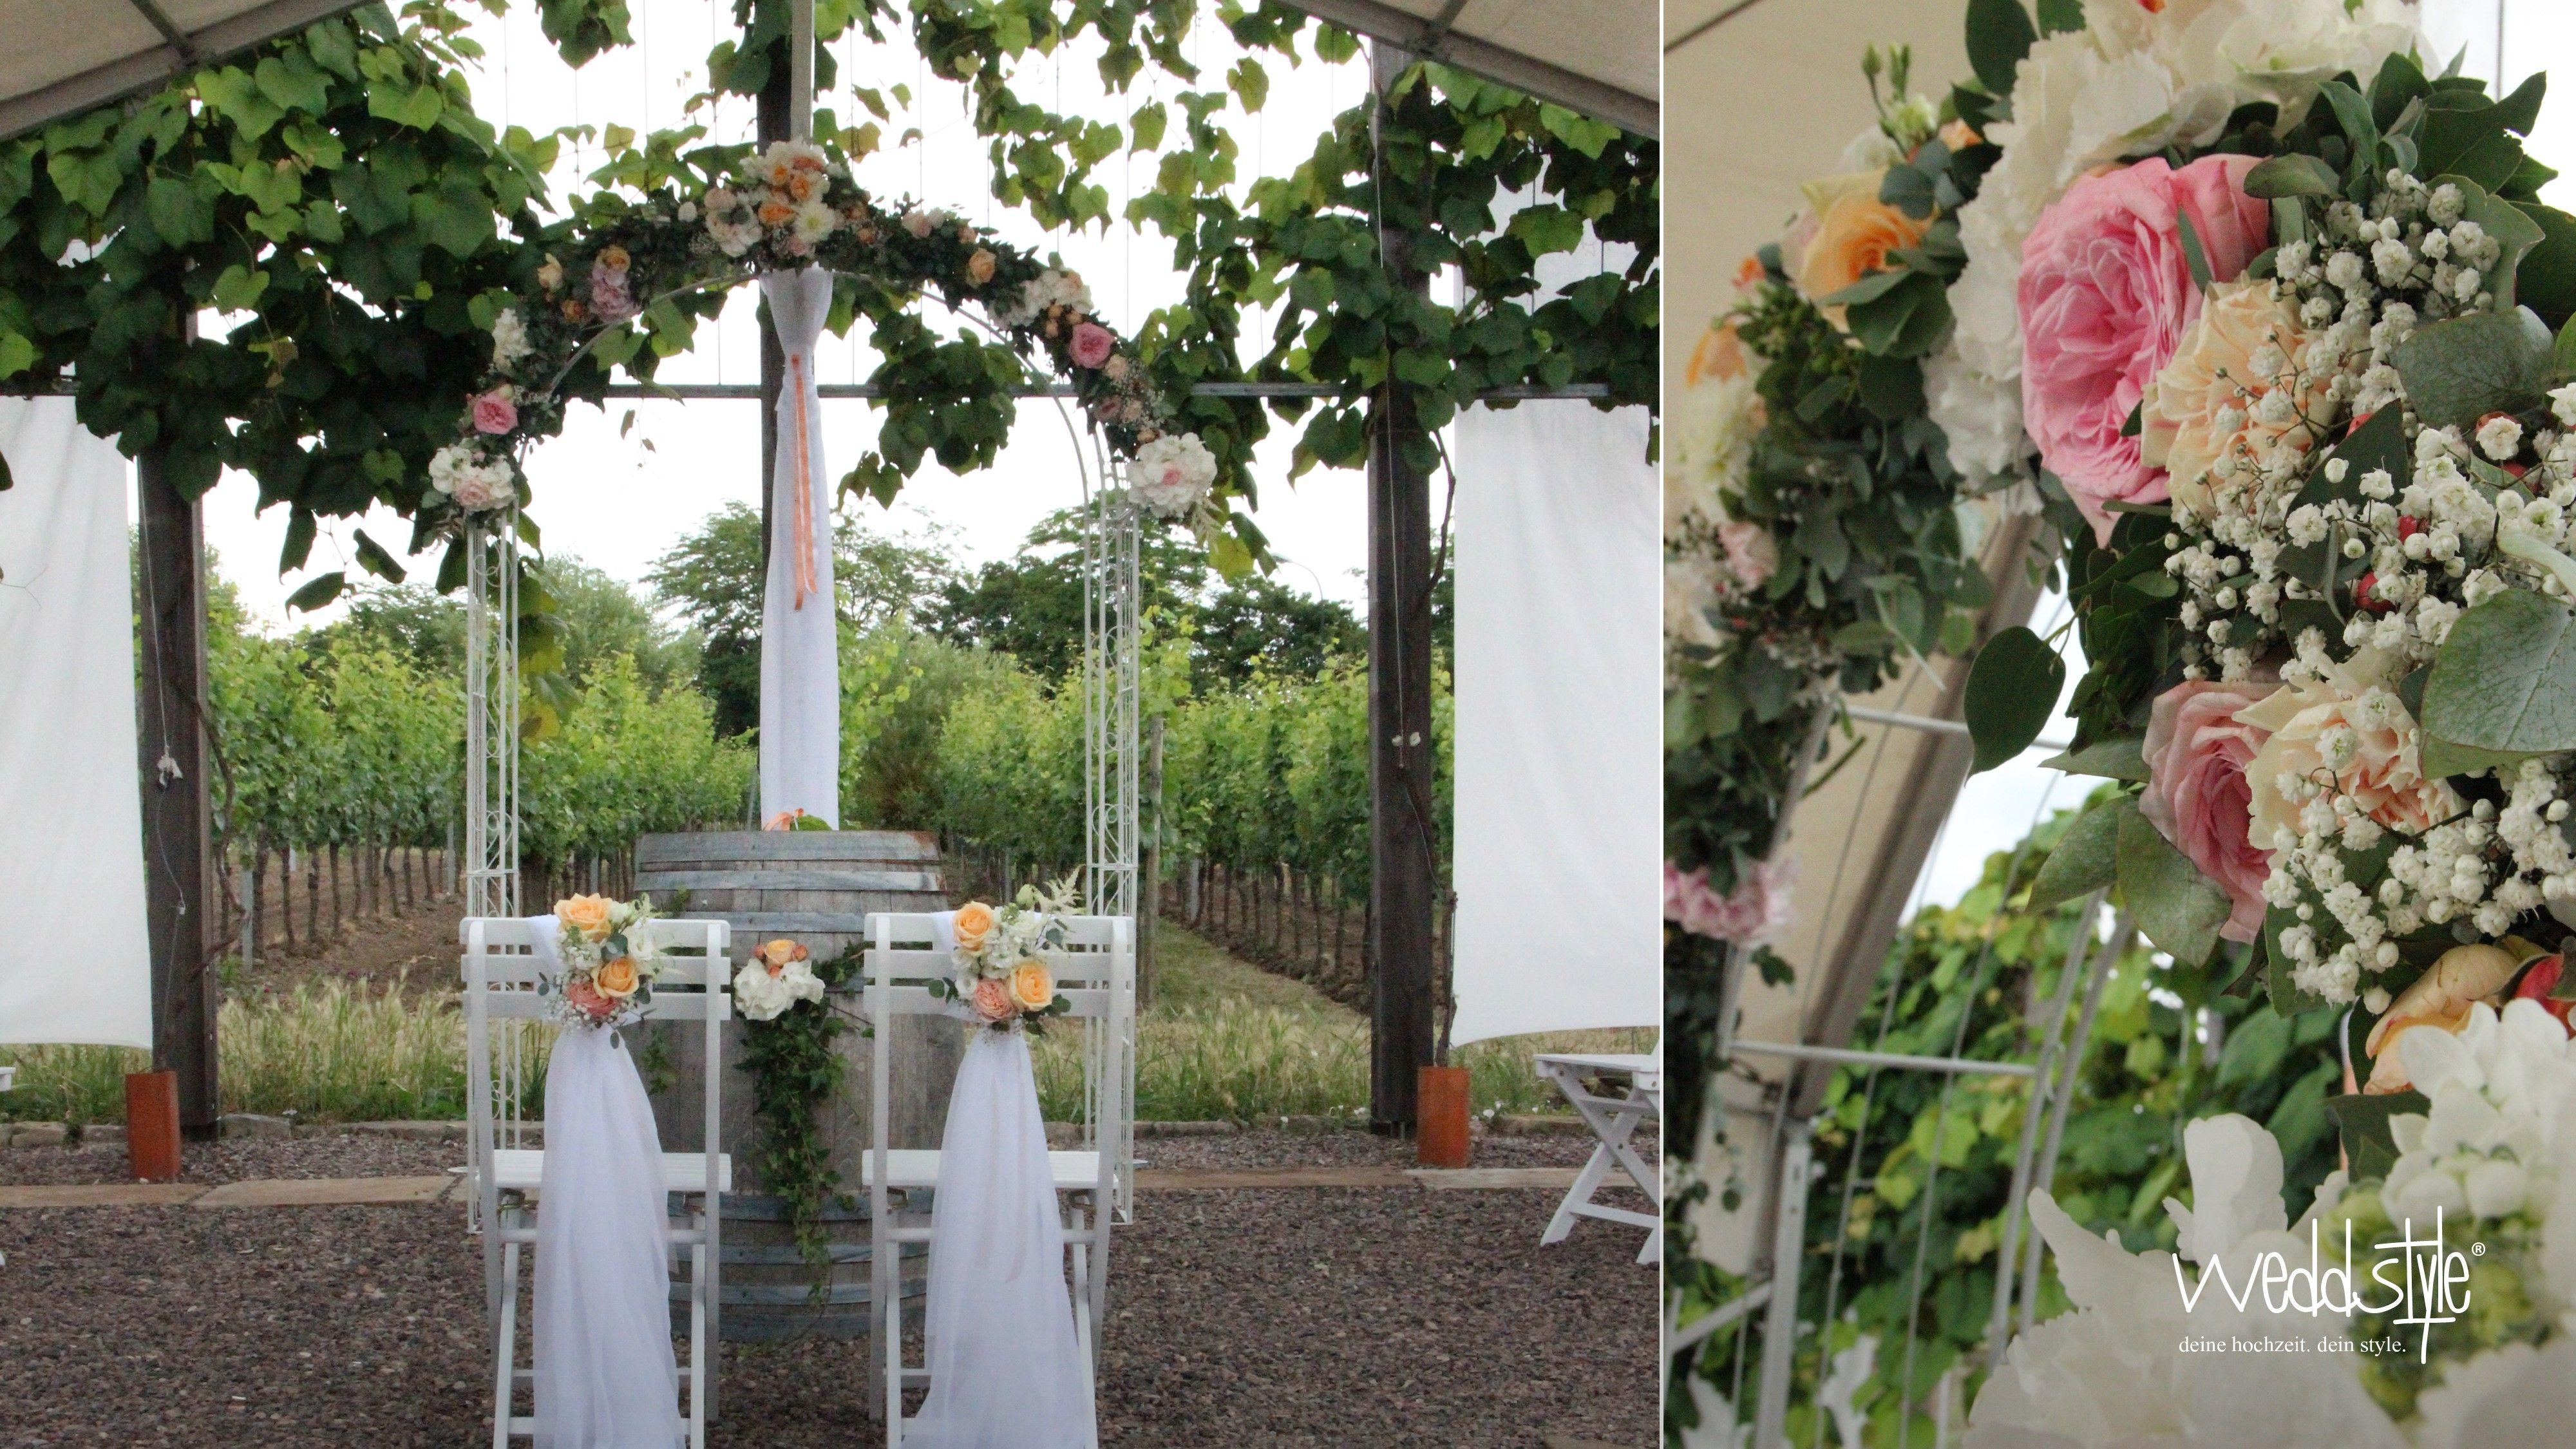 Rosenbogen mit floristik von weddstyle f r freie trauung for Dekoration hochzeit mieten